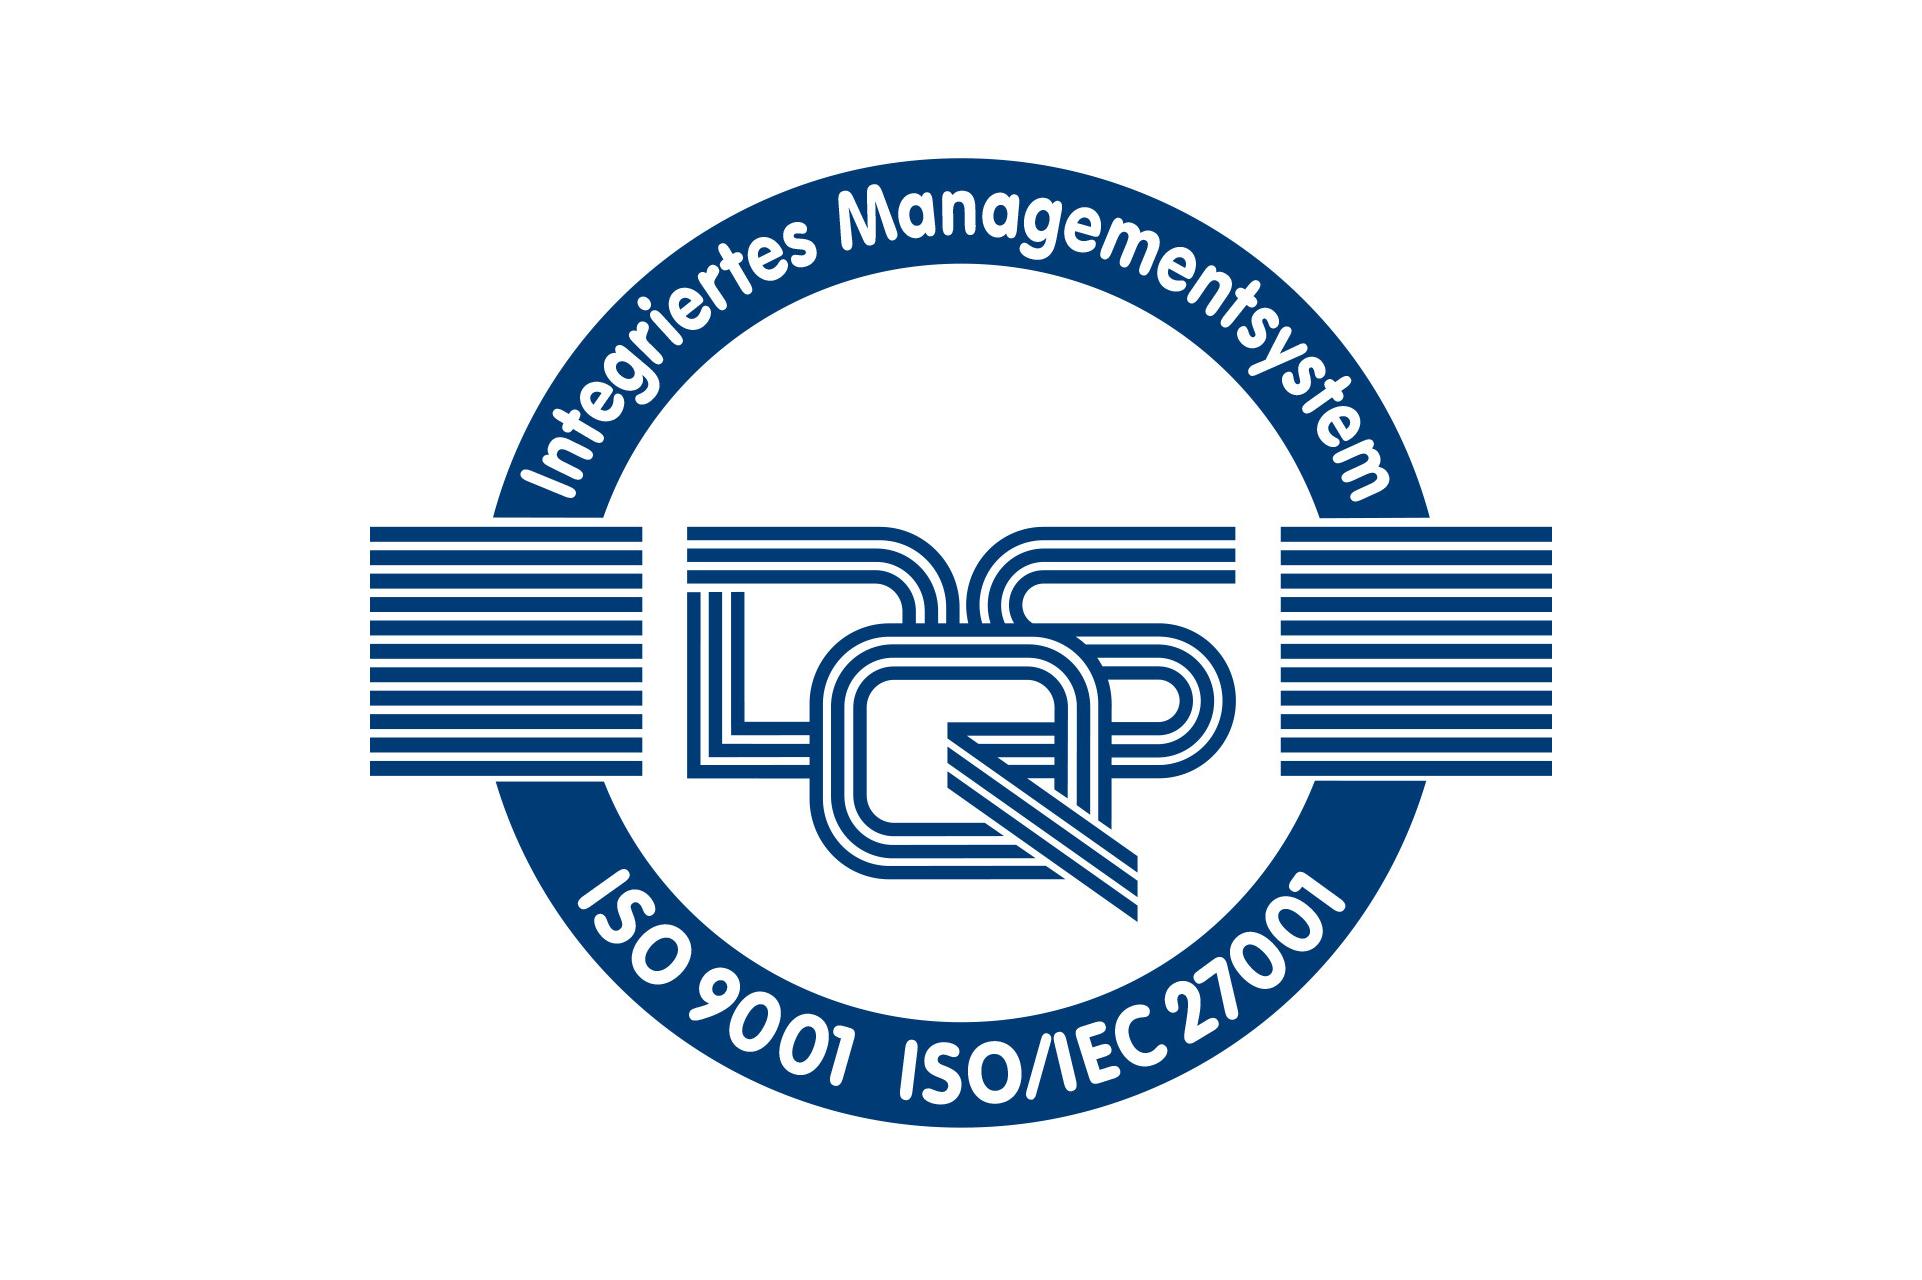 Integriertes Managementsystem Campaign